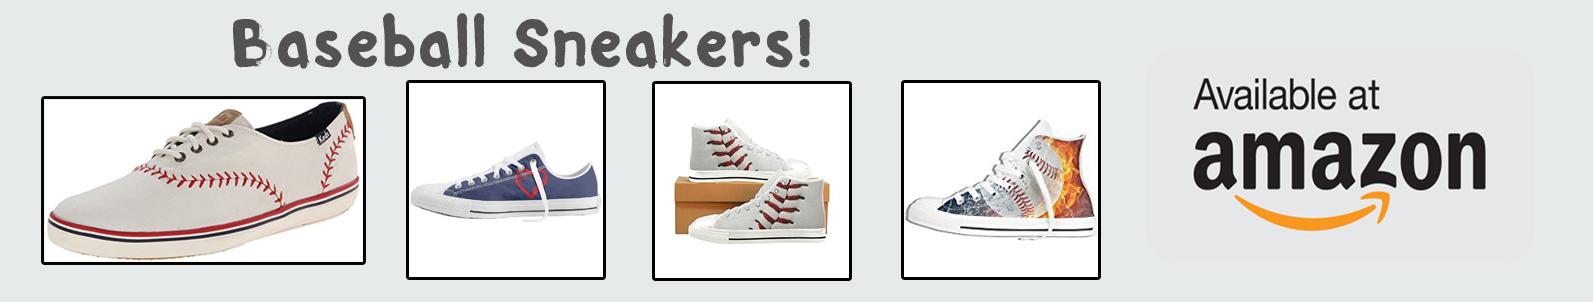 amazon baseball sneakers banner